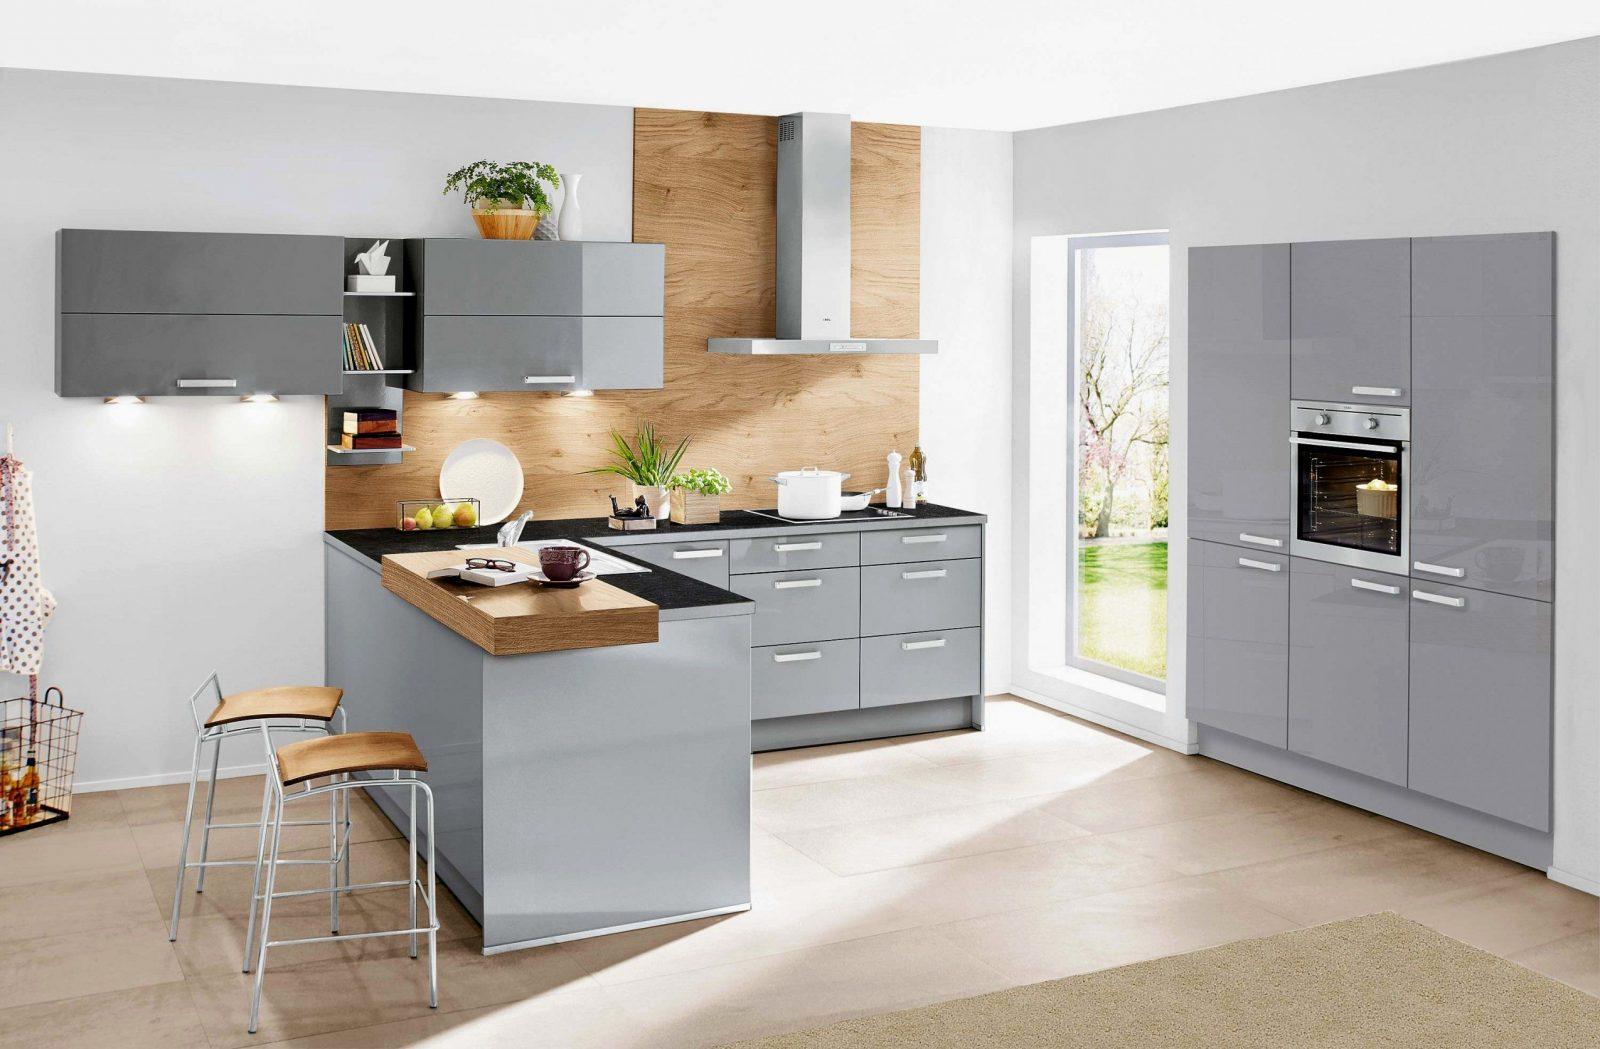 nolte kchen mit kochinsel und theke, nolte küchen mit kochinsel und theke fein on andere in häusliche von, Design ideen